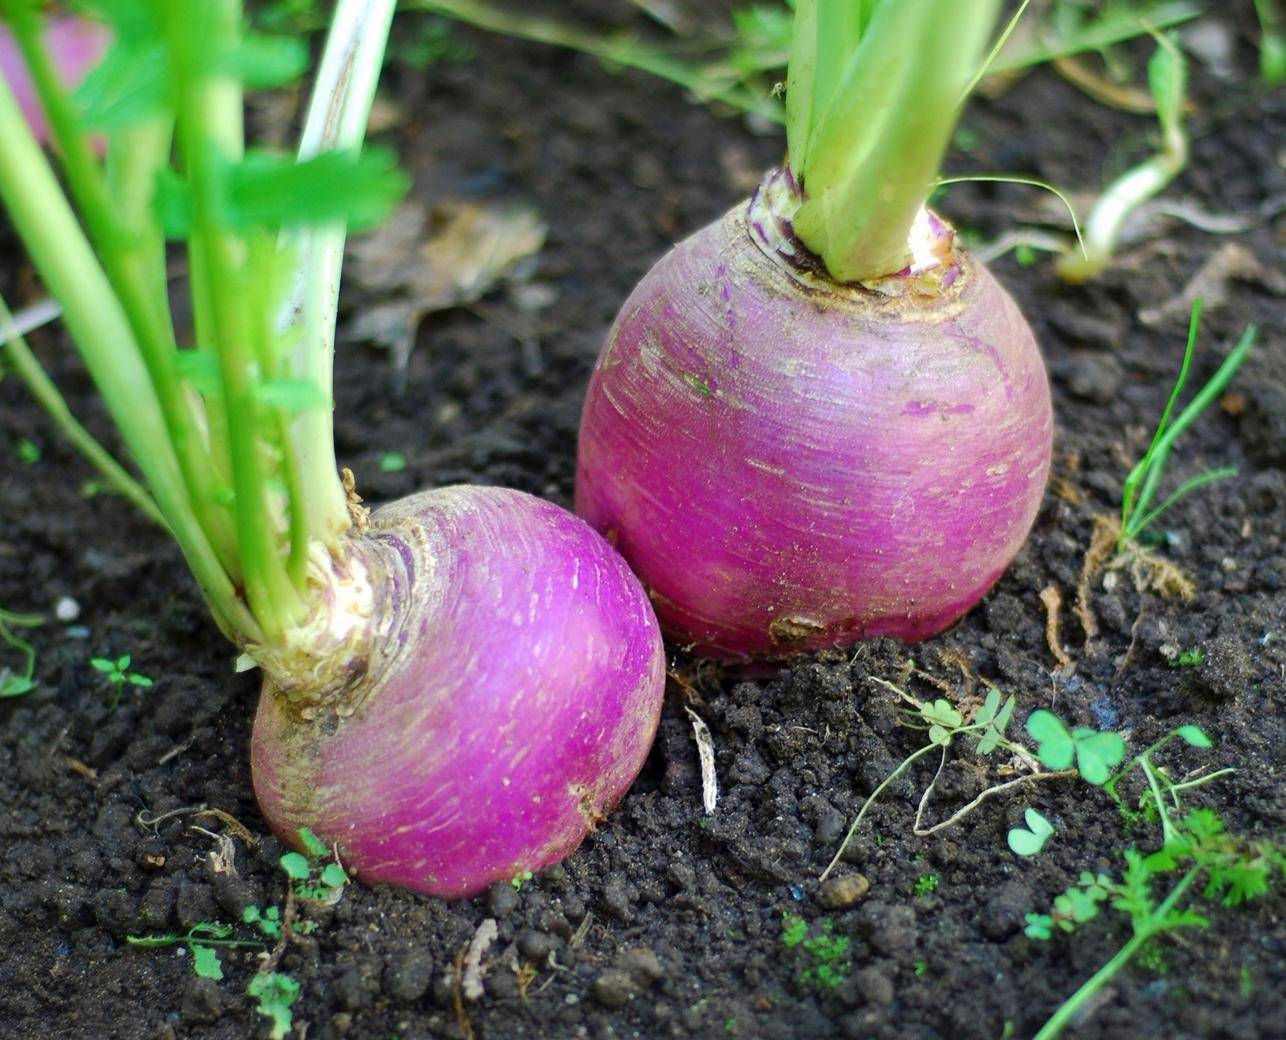 Редис в ячейках из-под яиц, посев и выращивание